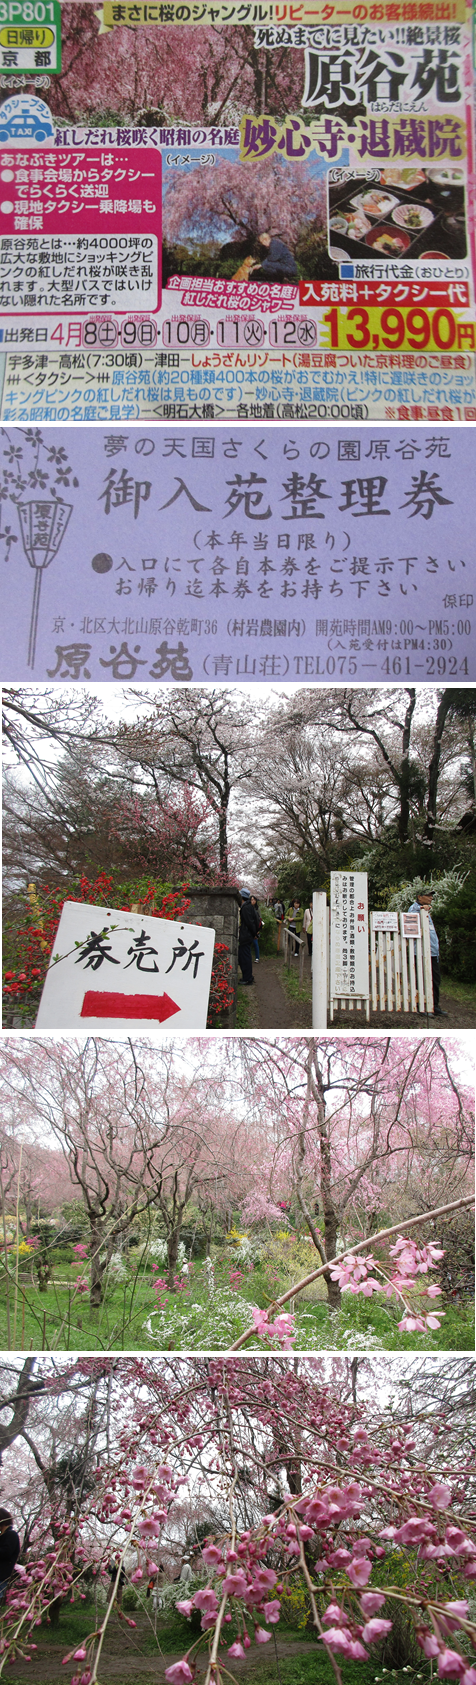 20170410原谷苑1